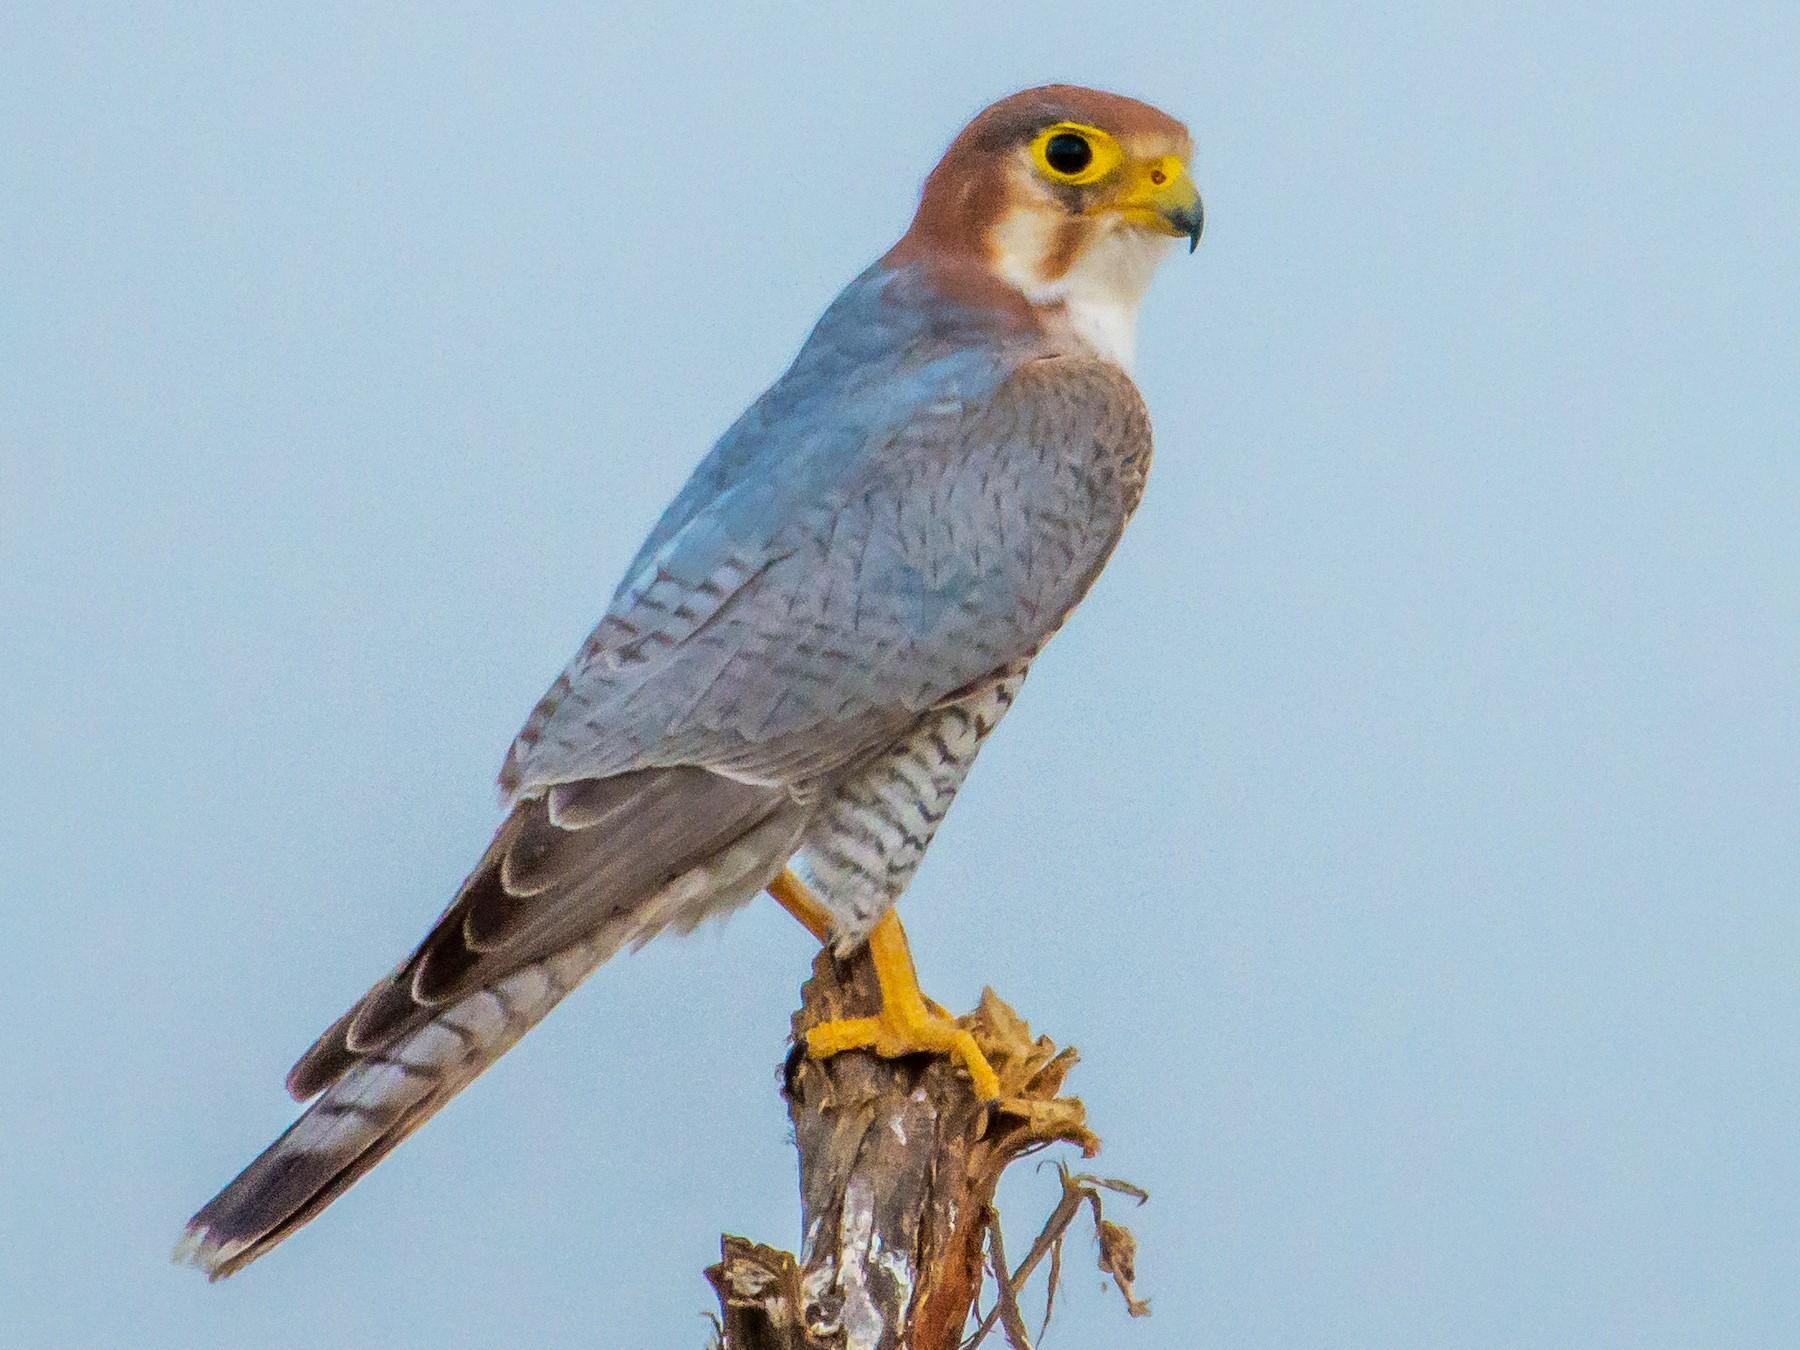 Red-necked Falcon - Arunava Bhattacharjee